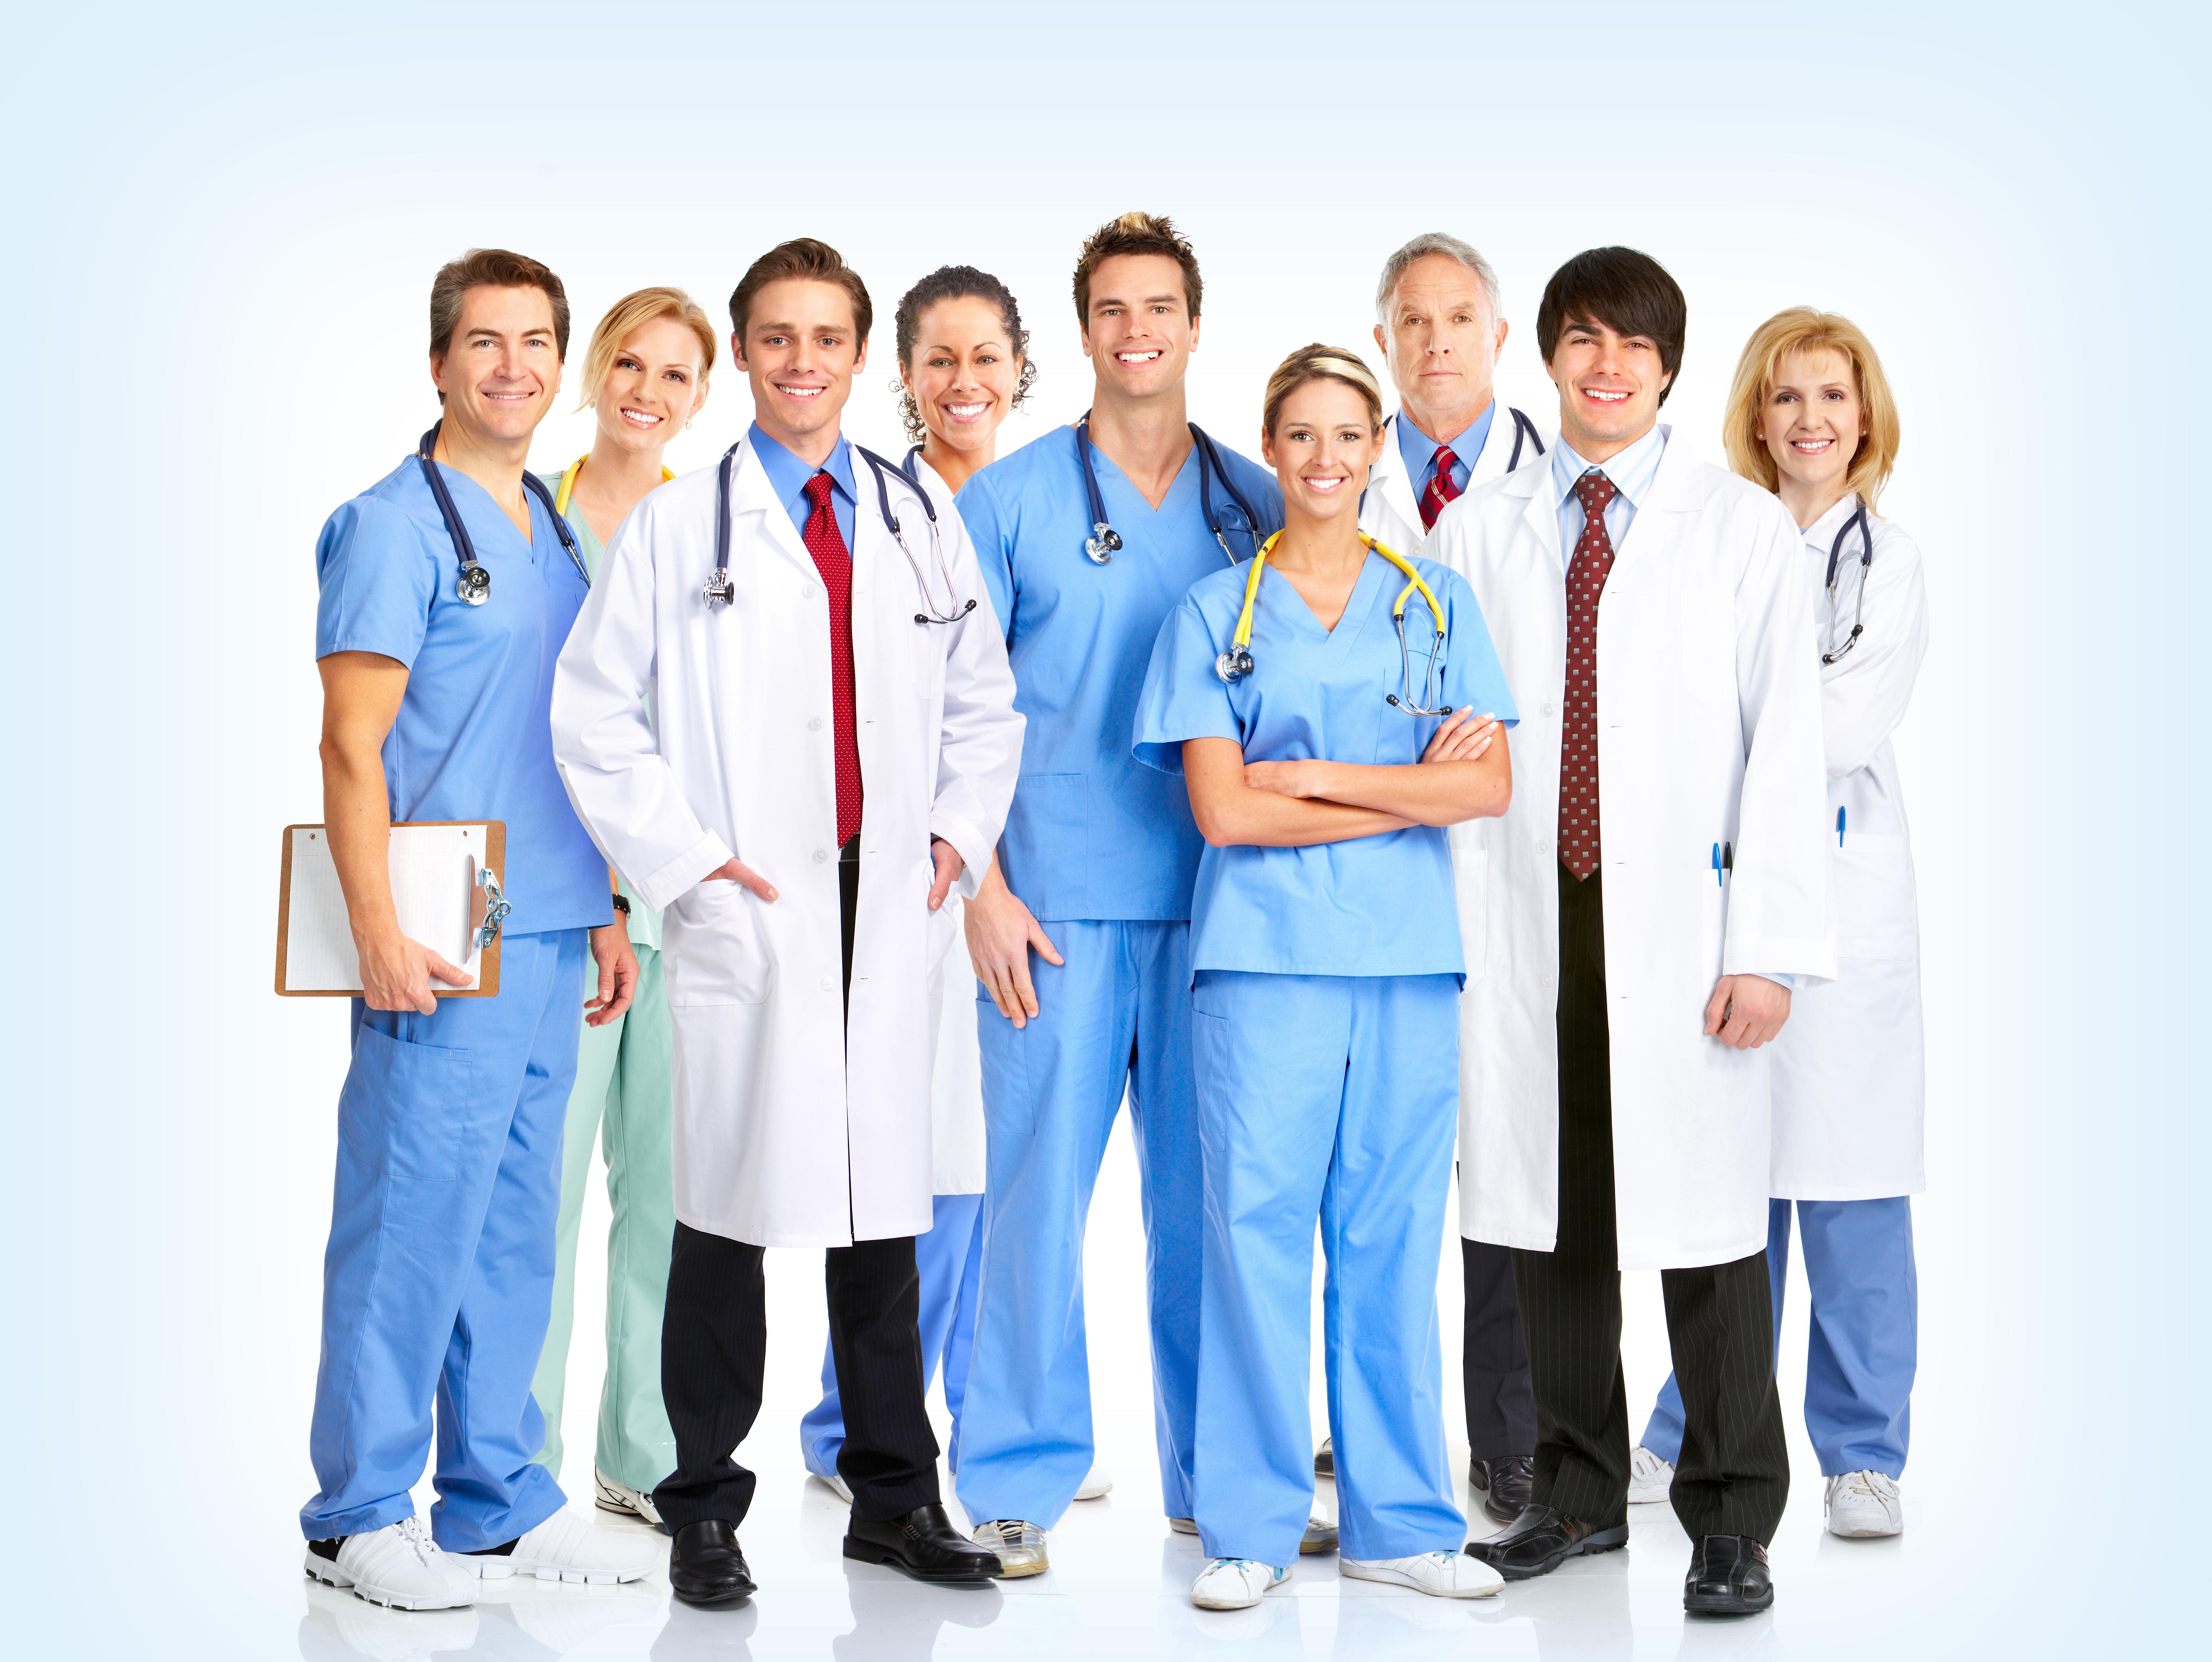 Фотографии врачей для сайта как сделать